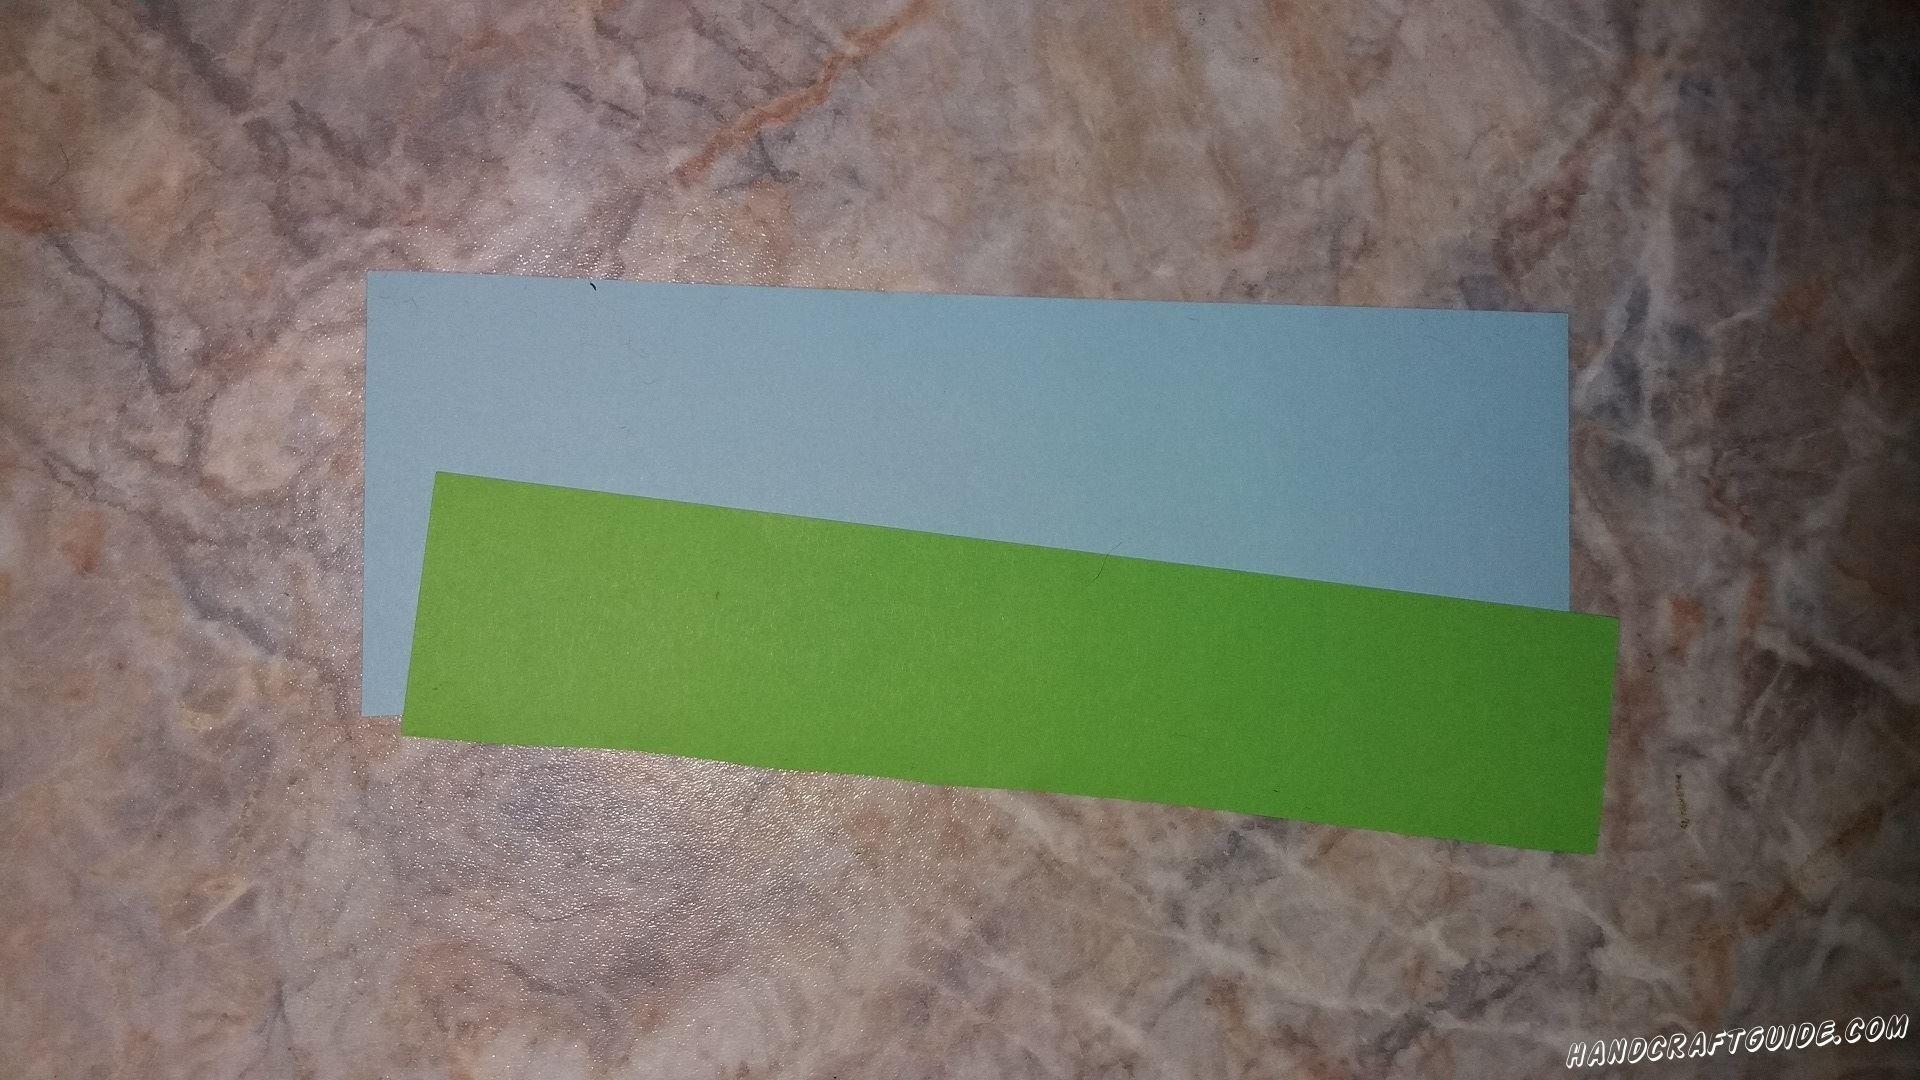 Вырезаем одну широкую голубую и одну узкую зелёную полоски, одинаковой длины.